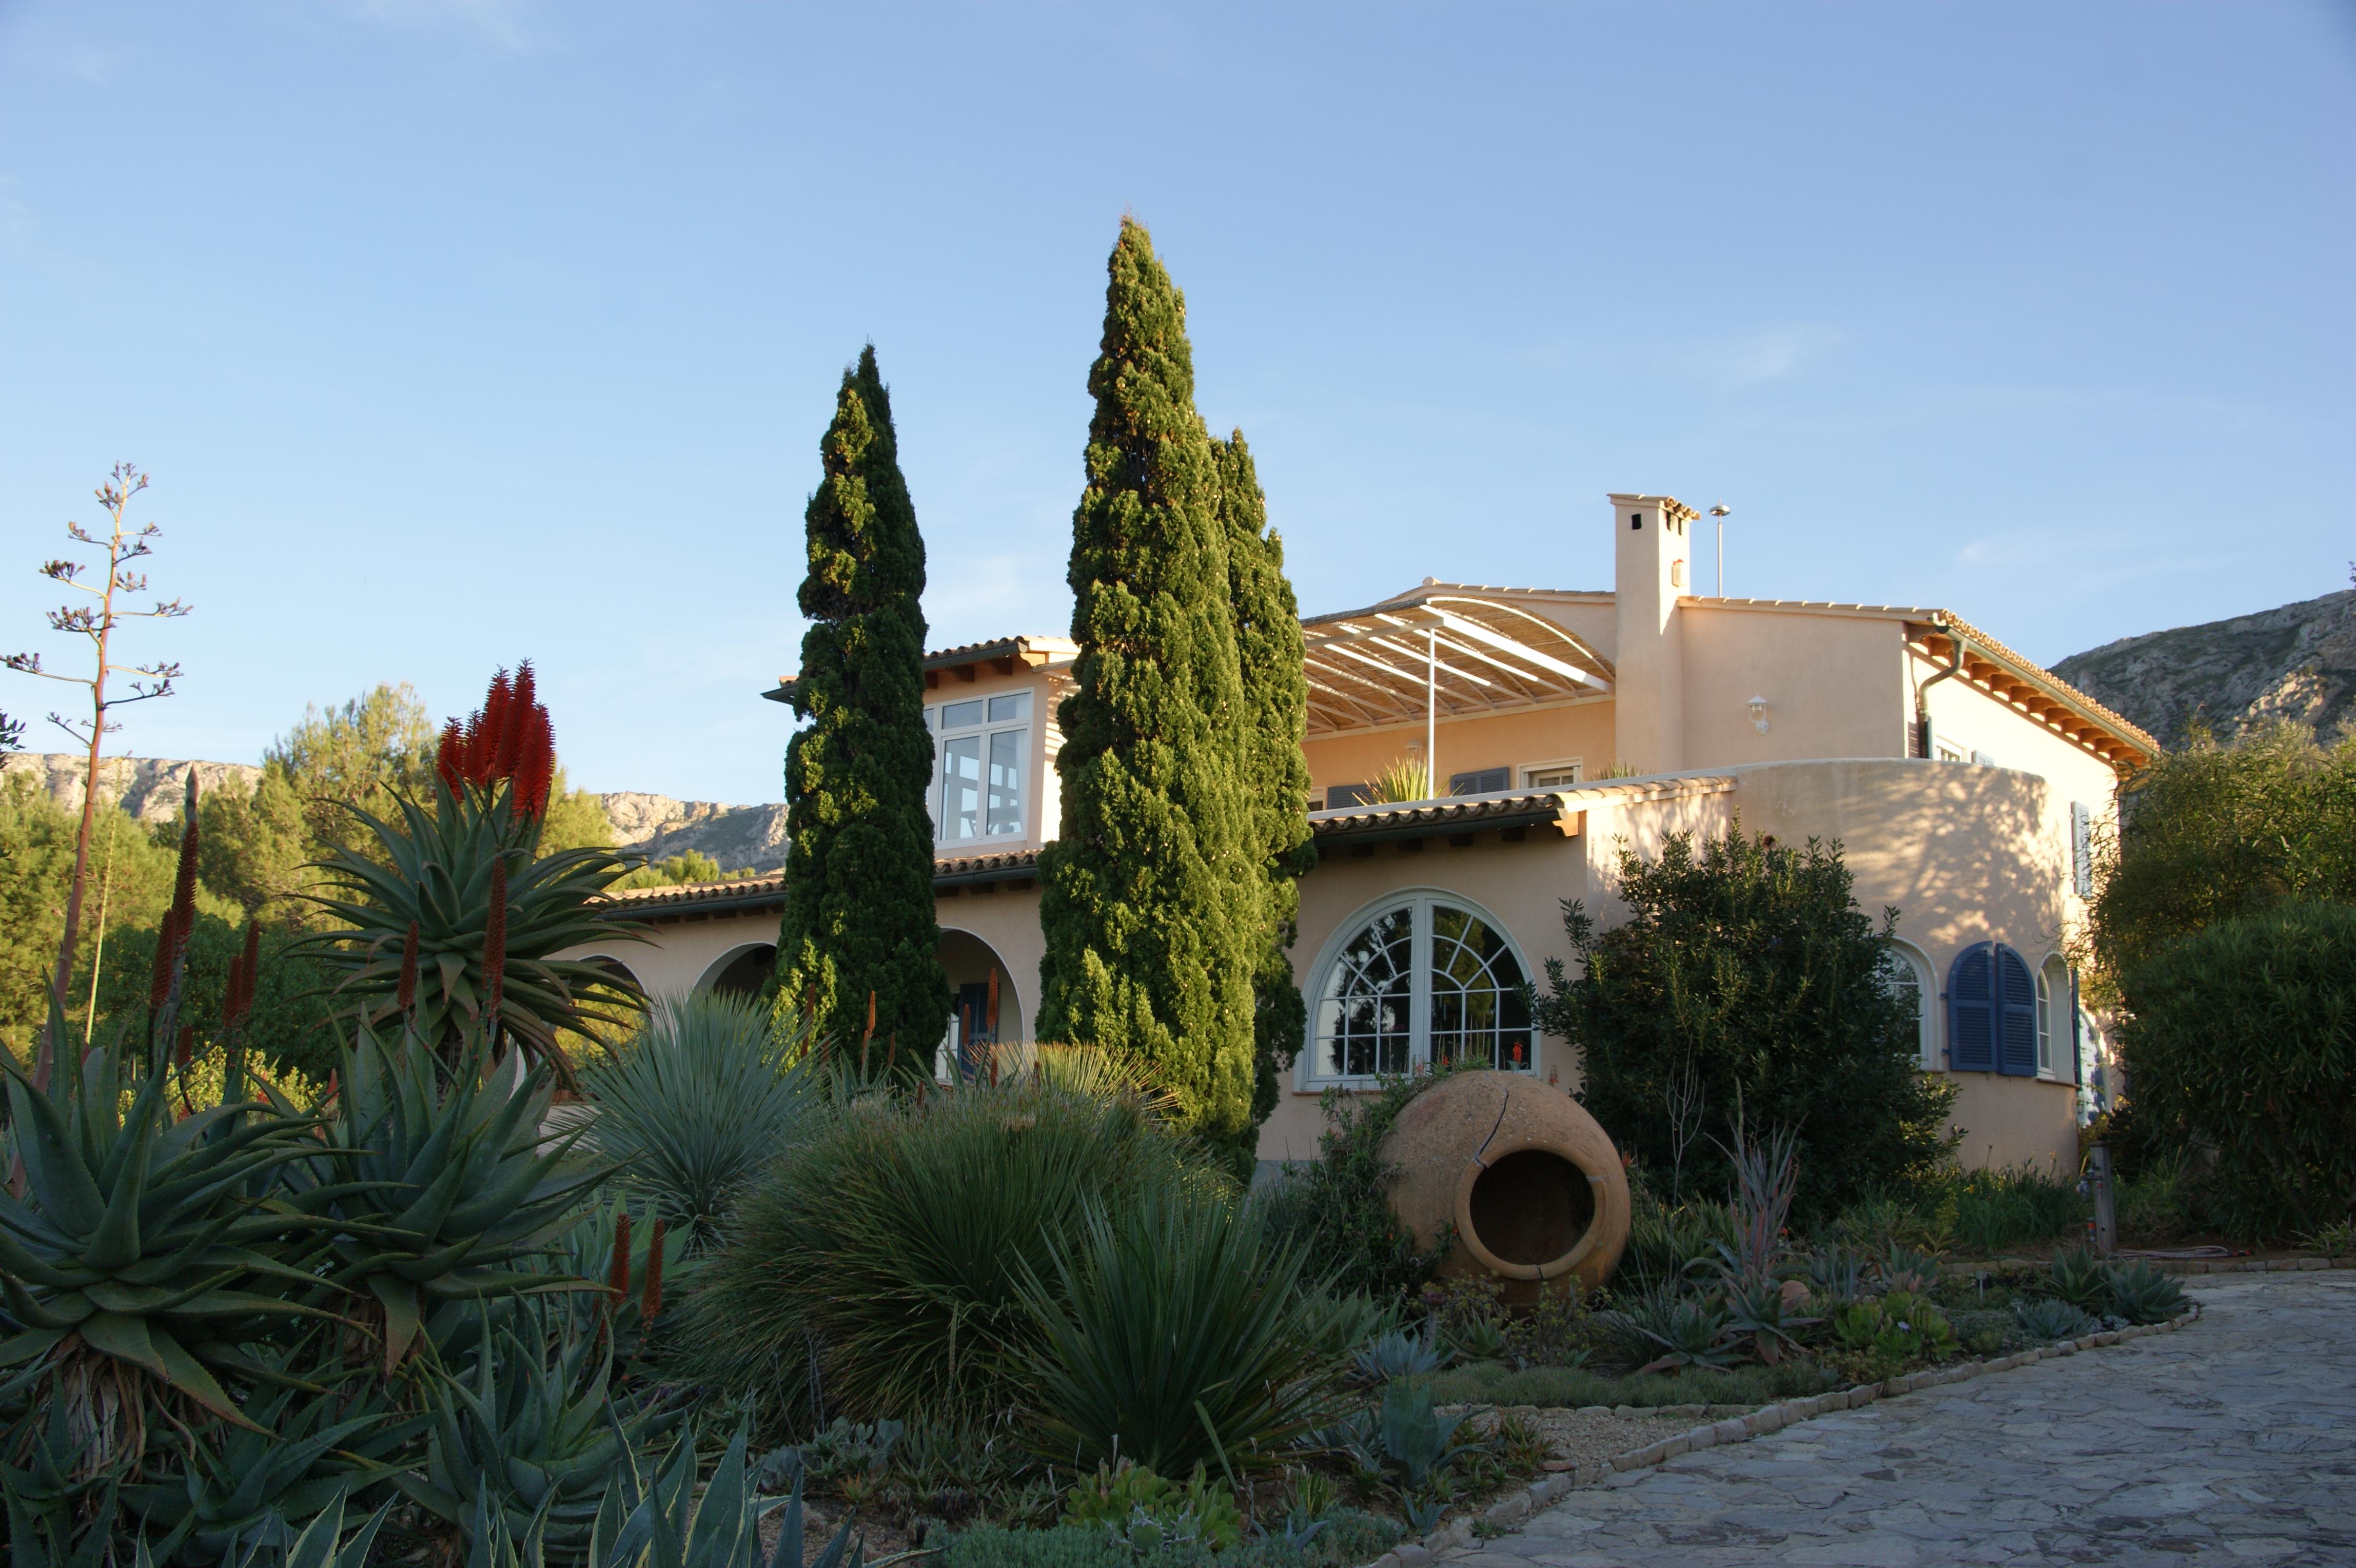 Haus und Garten / House and garden